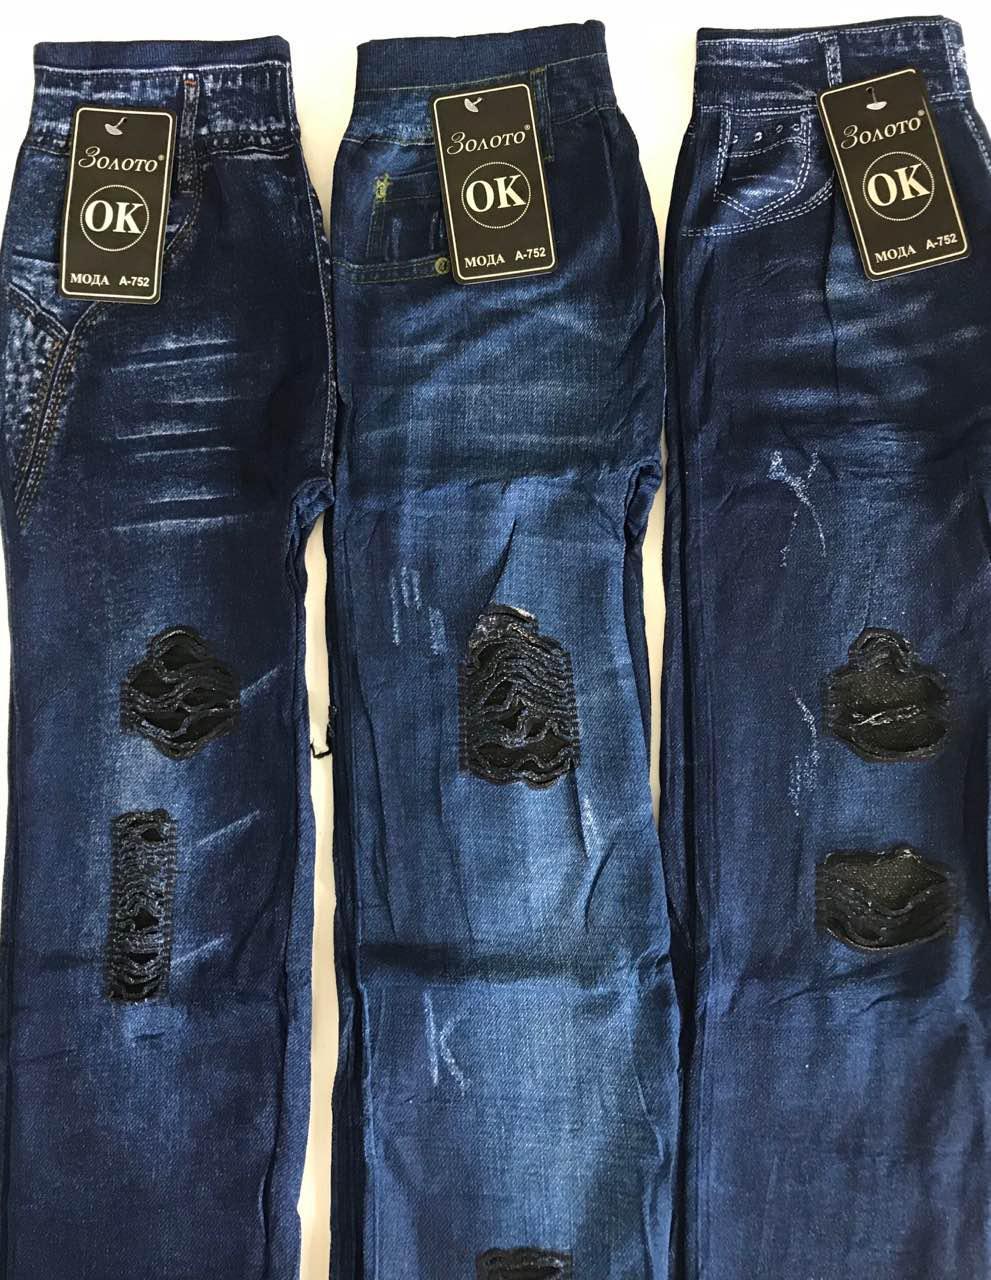 Женские лосины Джинсовые 48-52 эфект рваных джинс